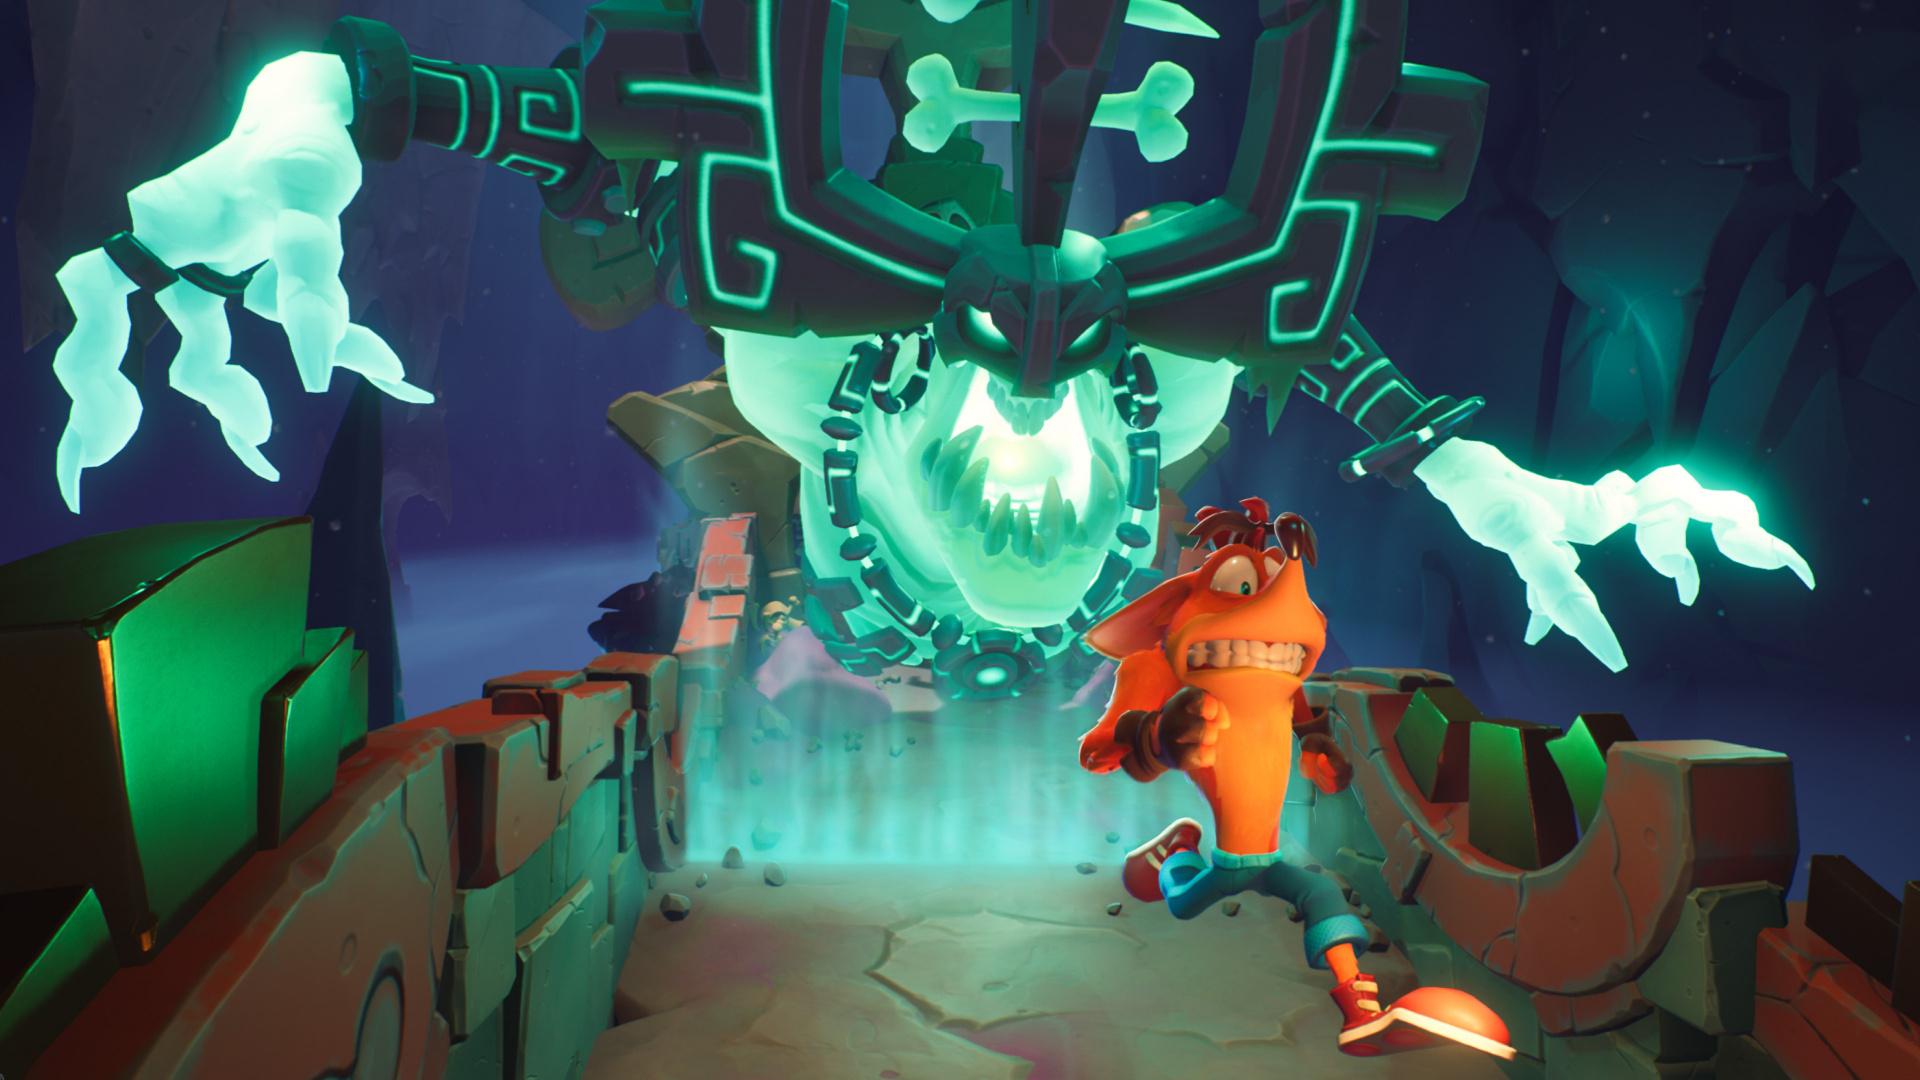 Судя по всему, Crash Bandicoot4 выйдет и на Xbox Series X